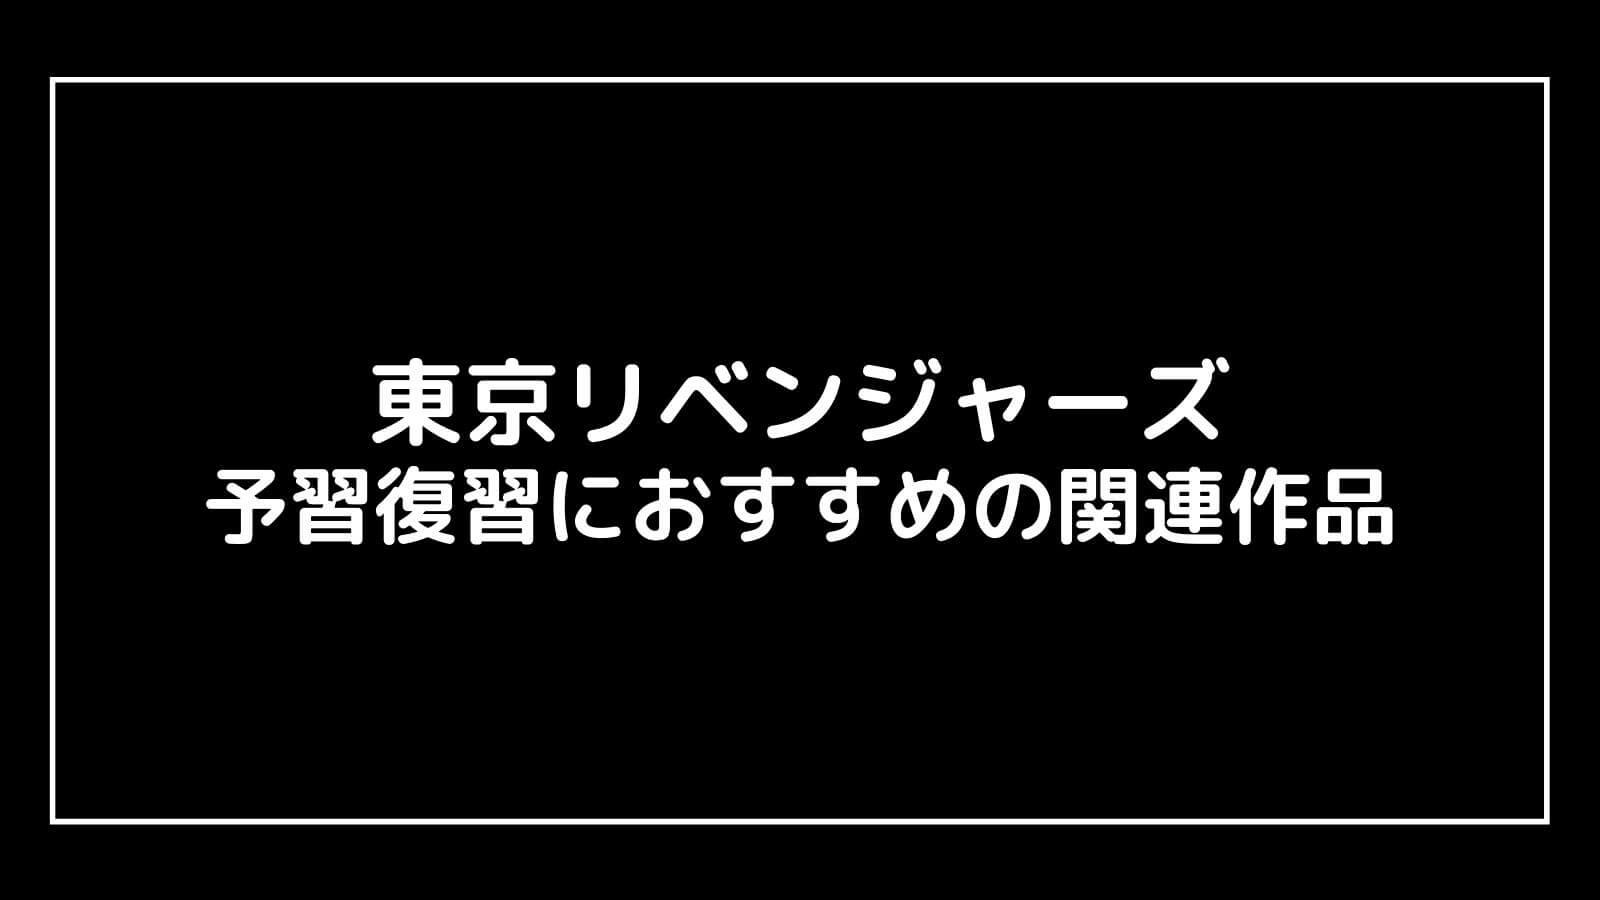 『東京リベンジャーズ』予習復習におすすめの関連作品まとめ